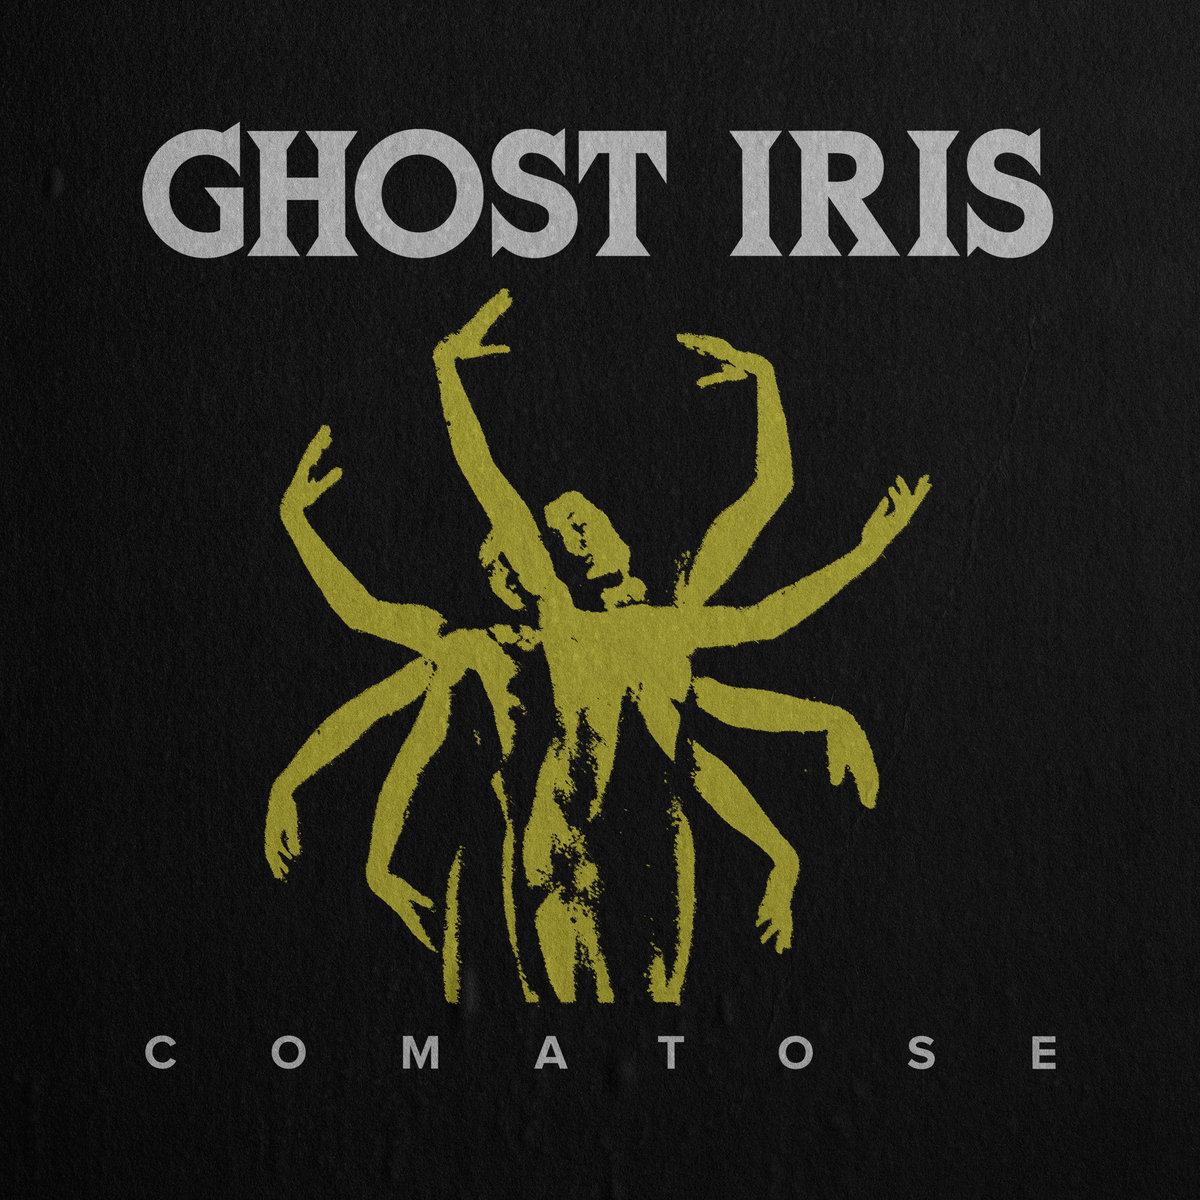 Ghost Iris Comatose Album Cover Artwork